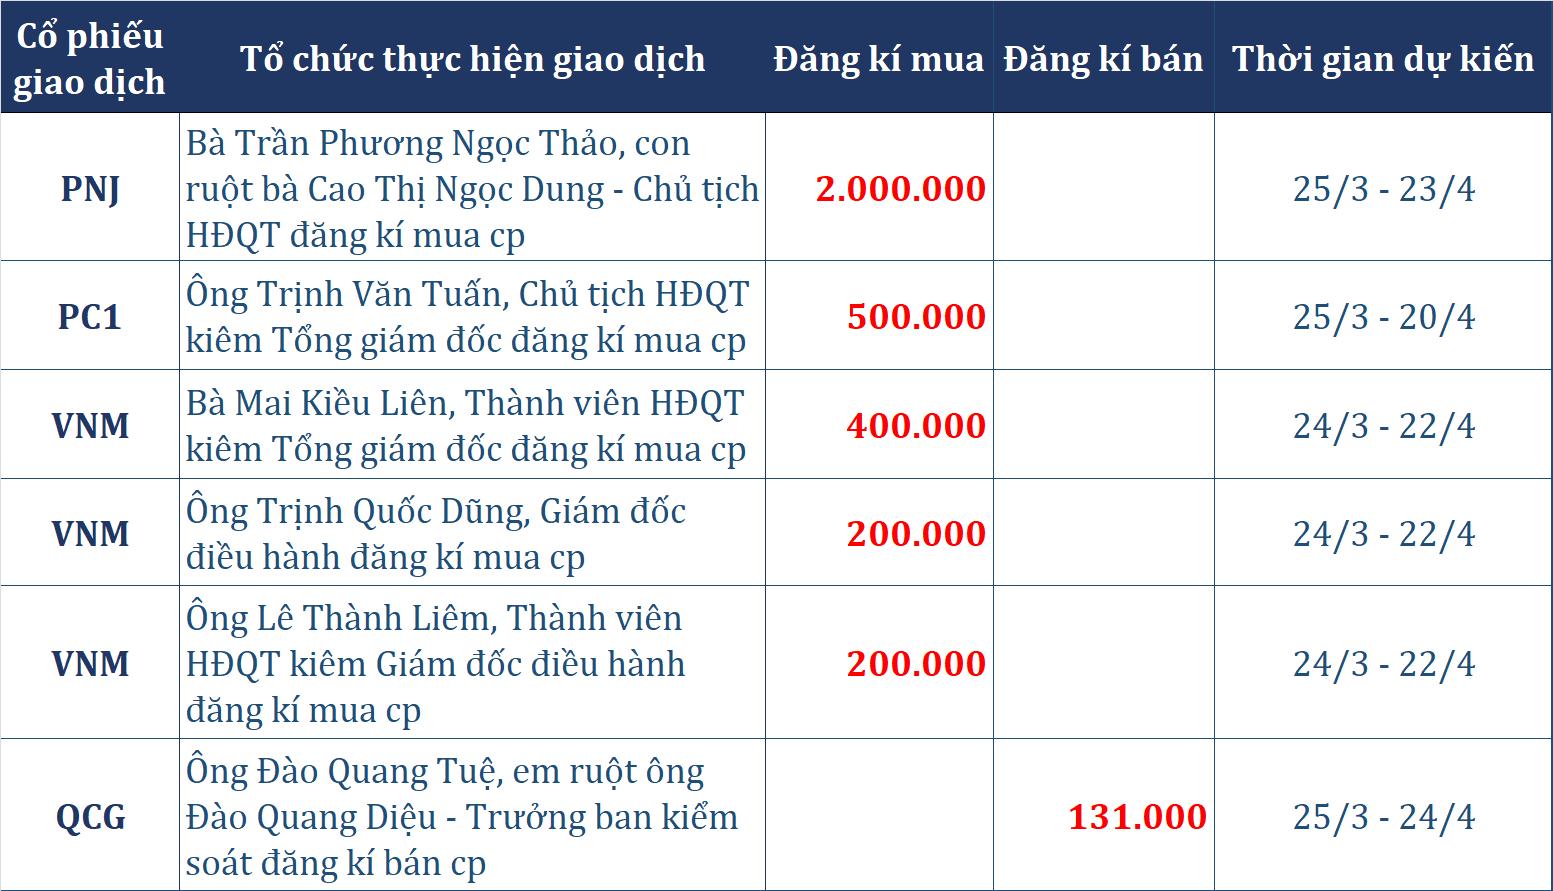 Dòng tiền thông minh 23/3: Tự doanh CTCK mua tiếp tục mua ròng phiên cuối tuần, con gái Chủ tịch Vàng bạc Đá quí Phú Nhuận muốn gom 2 triệu cp PNJ - Ảnh 2.